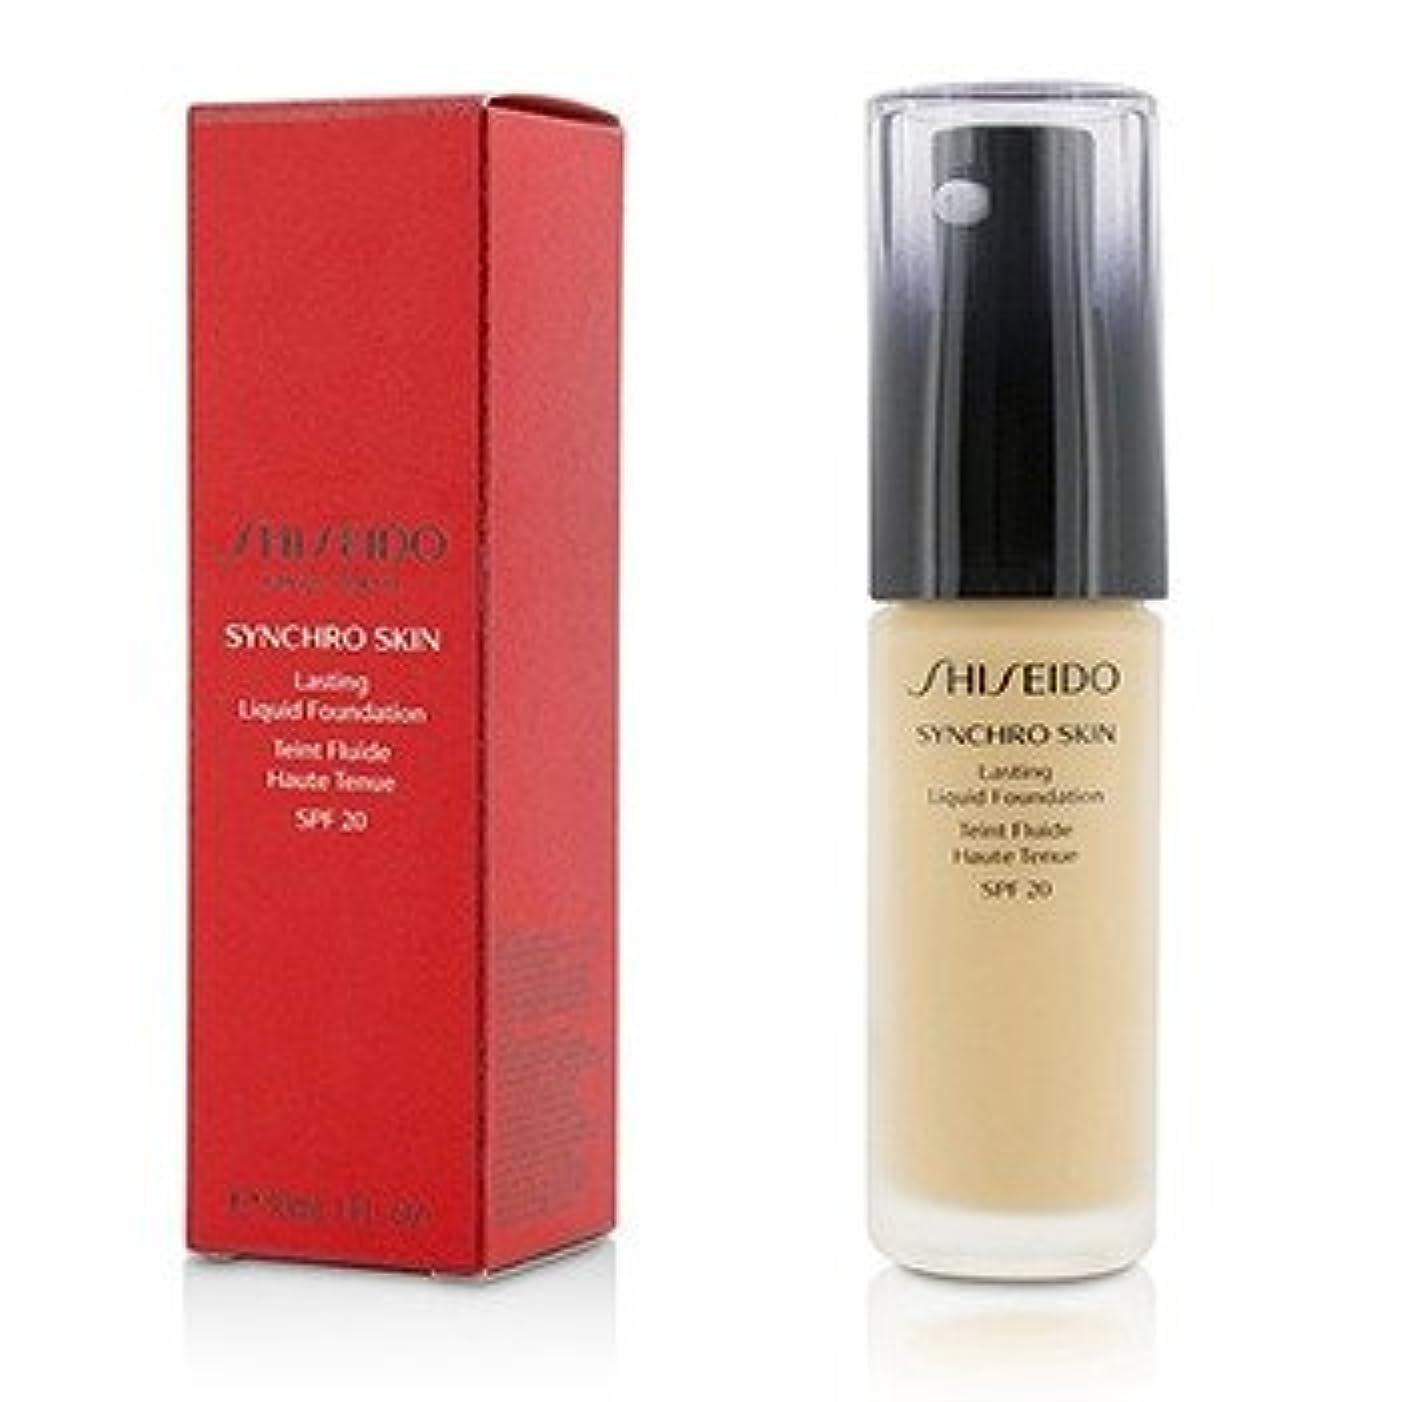 振り子ダイエット解く[Shiseido] Synchro Skin Lasting Liquid Foundation SPF 20 - Neutral 3 30ml/1oz